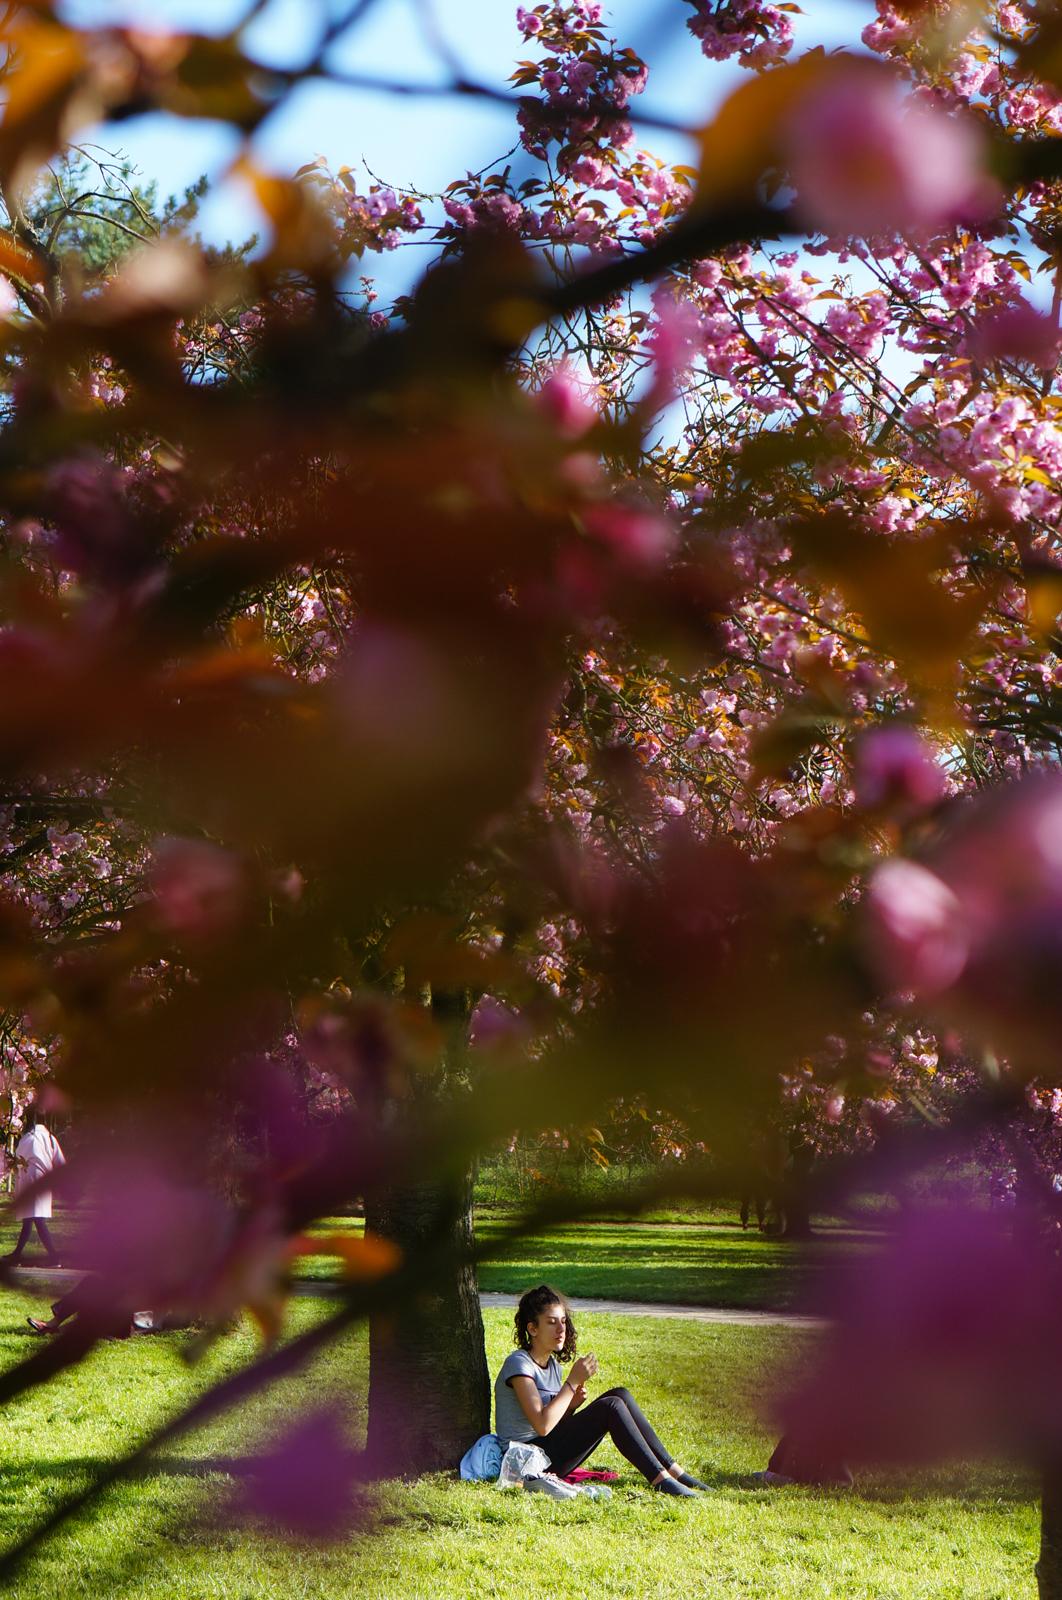 parc de sceaux, hanami france, hanami parc sceaux, cerisiers fleurs sceaux, cerisiers fleurs paris